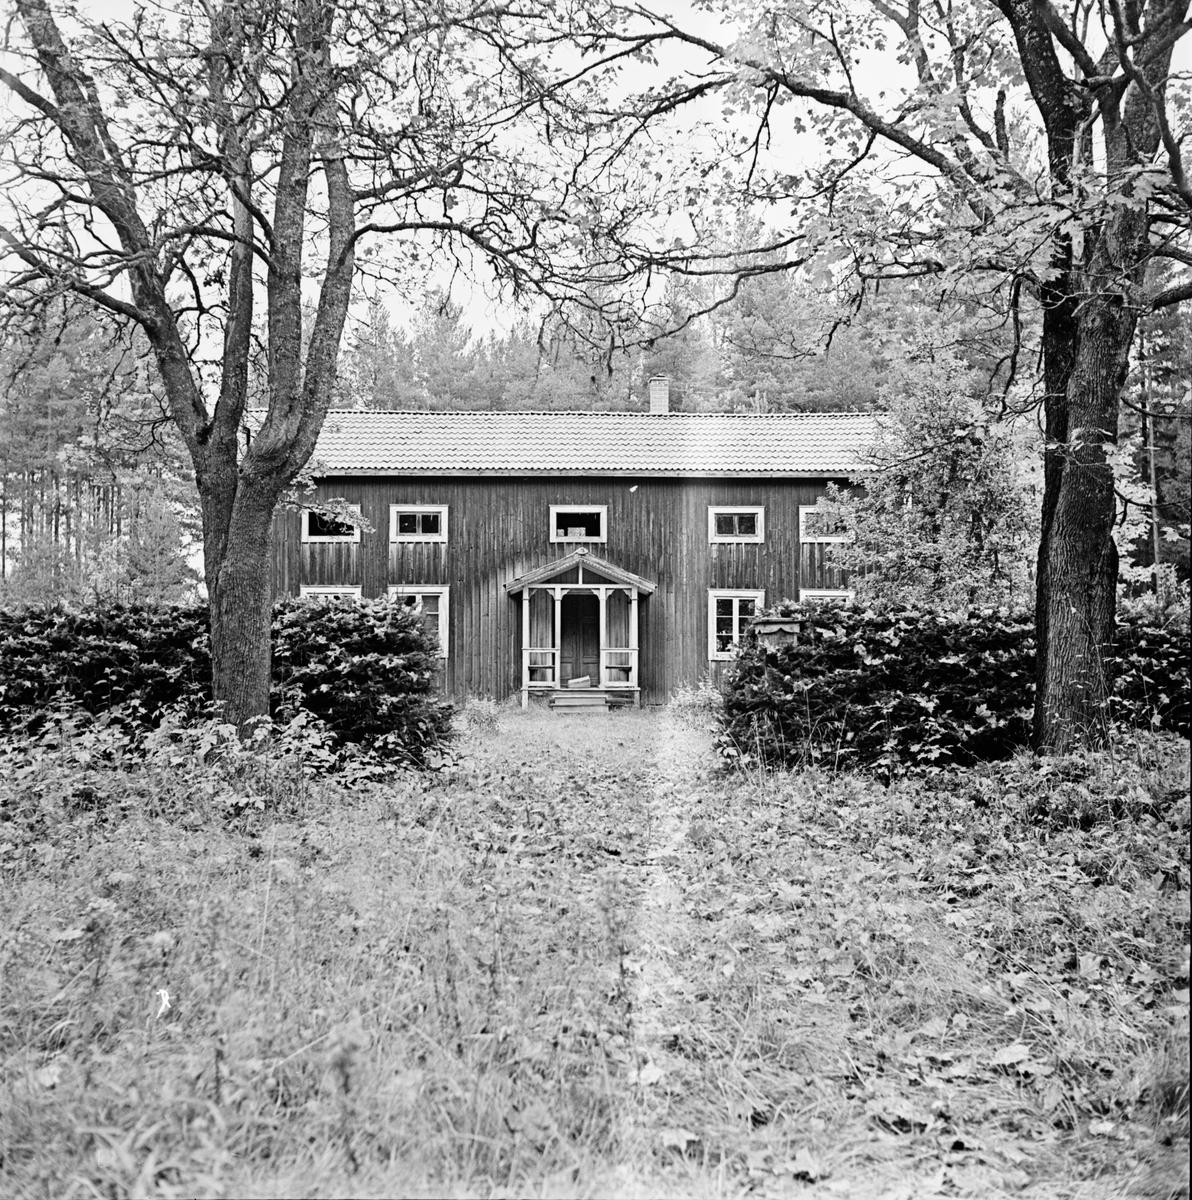 Snaten en ödegård. Oktober 1972